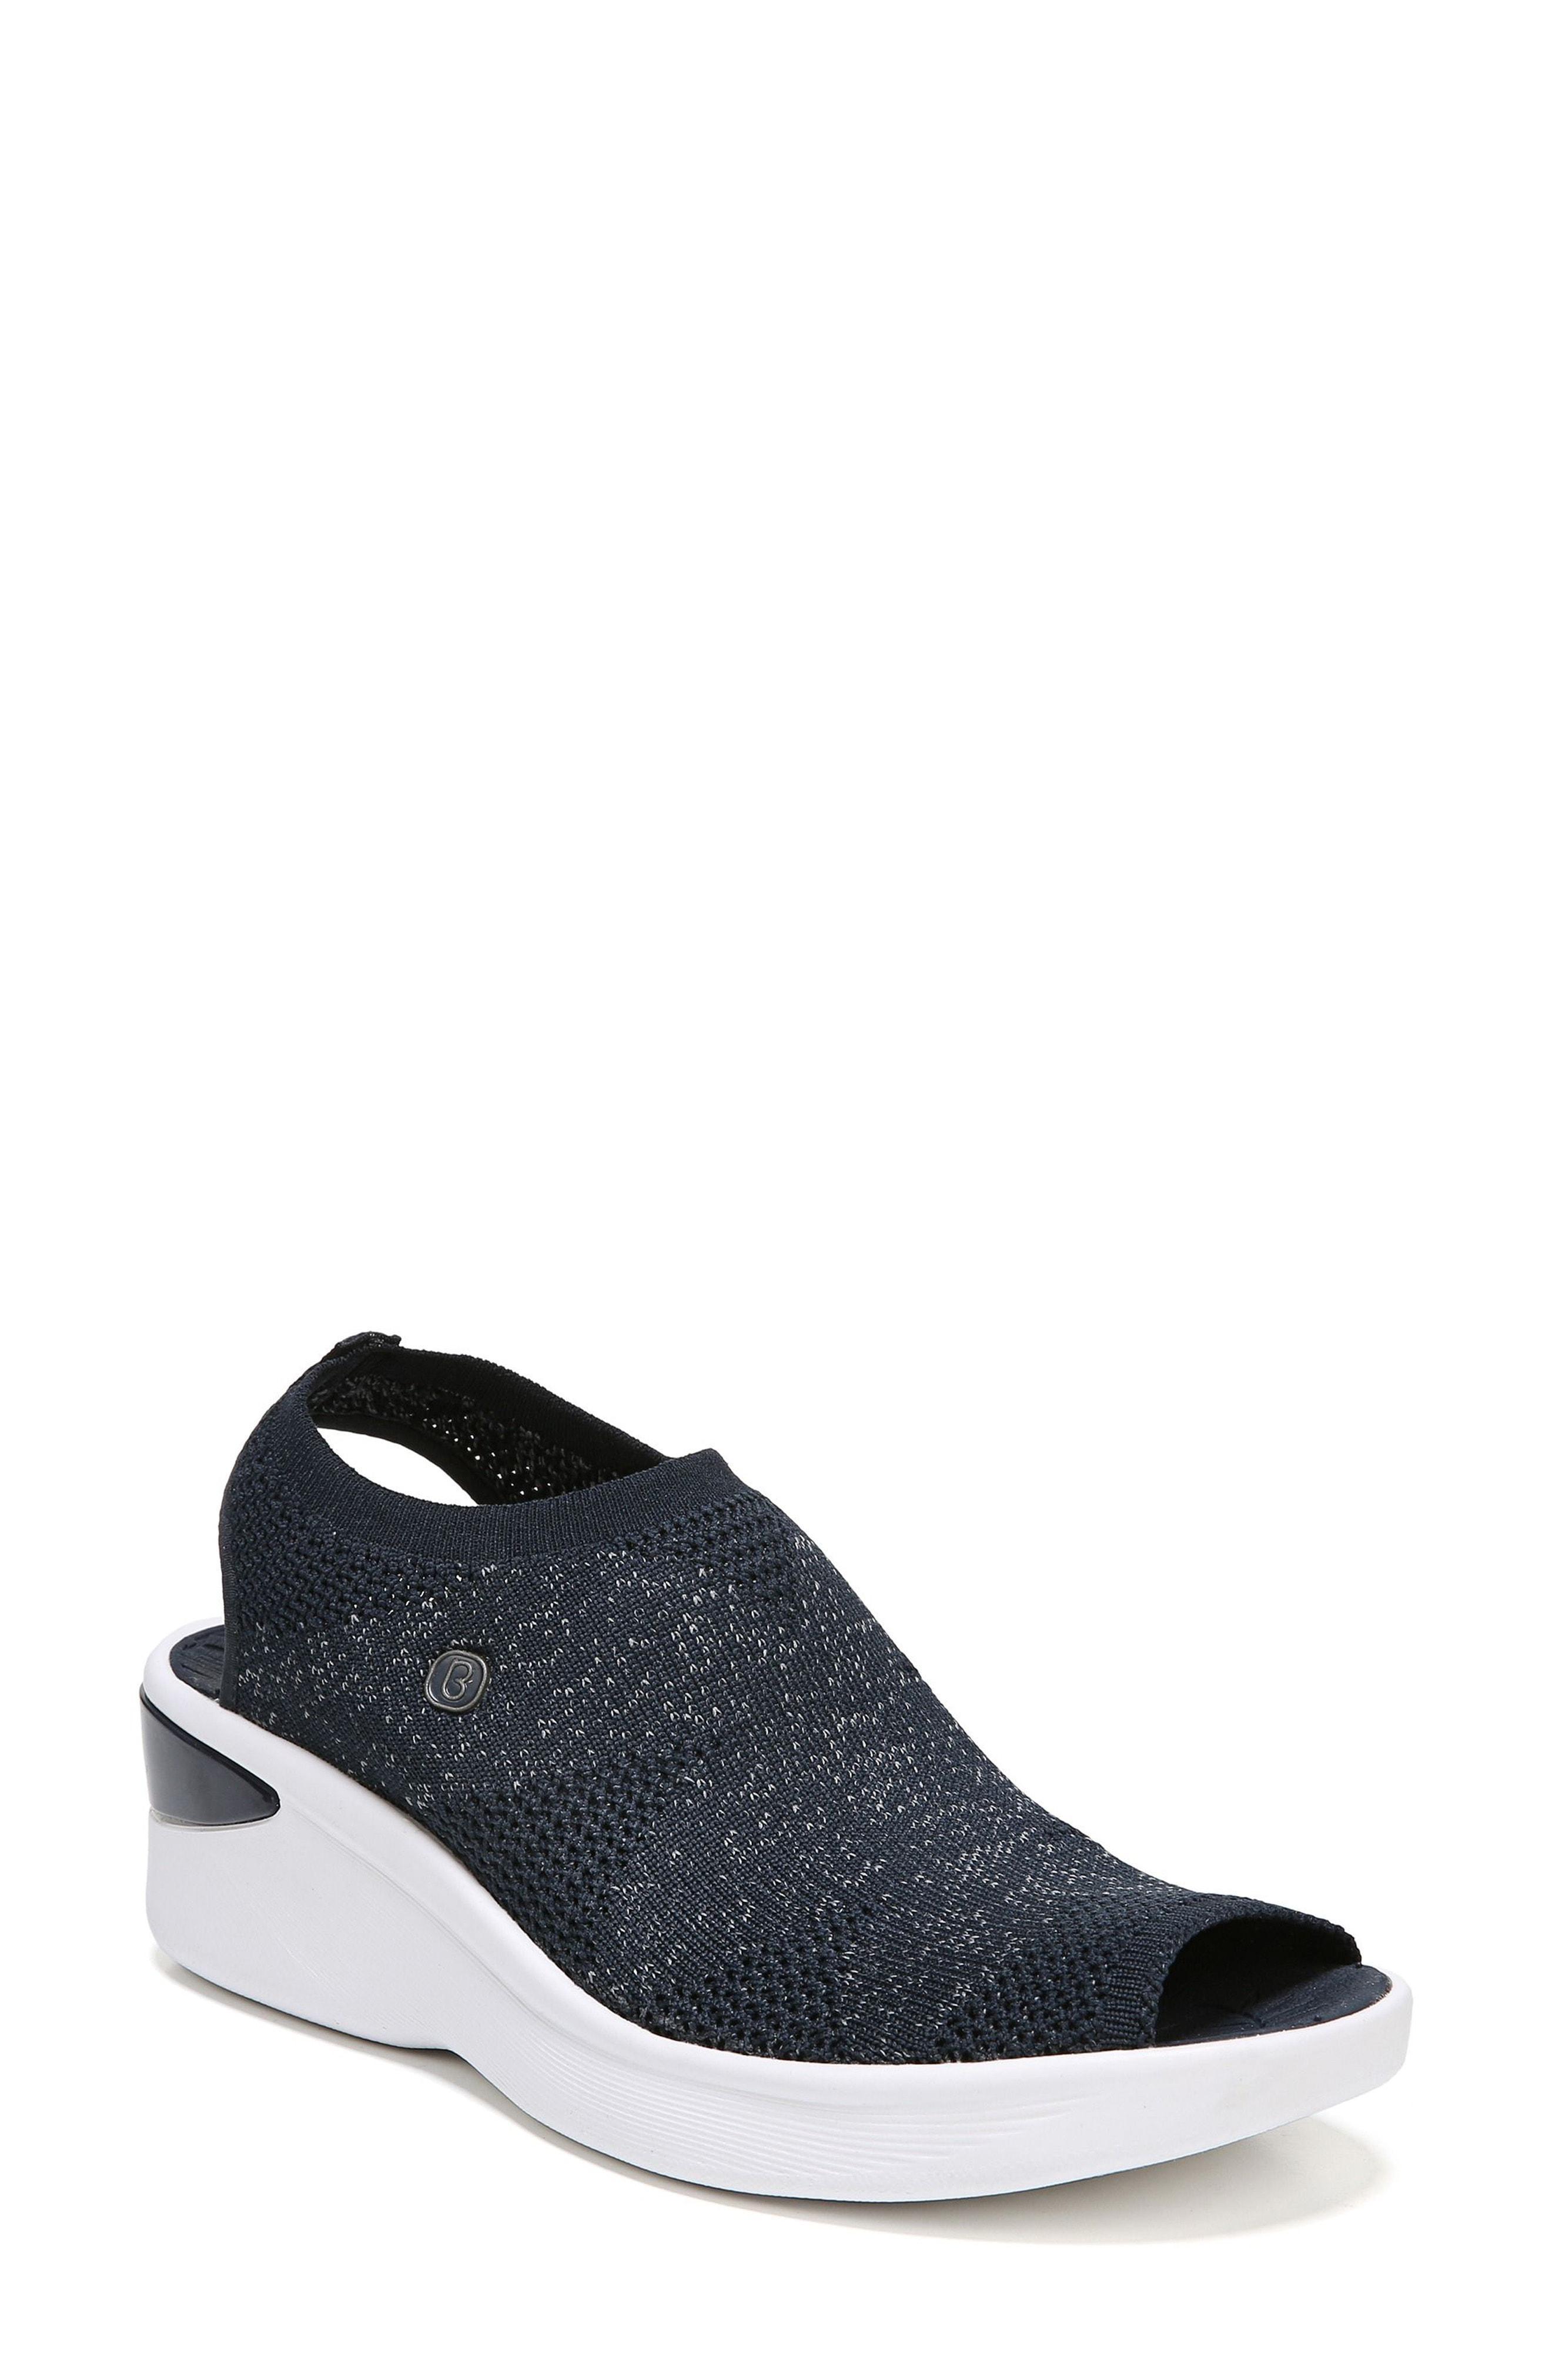 a6ea86dd3223 Lyst - Bzees Secret Peep Toe Knit Sneaker